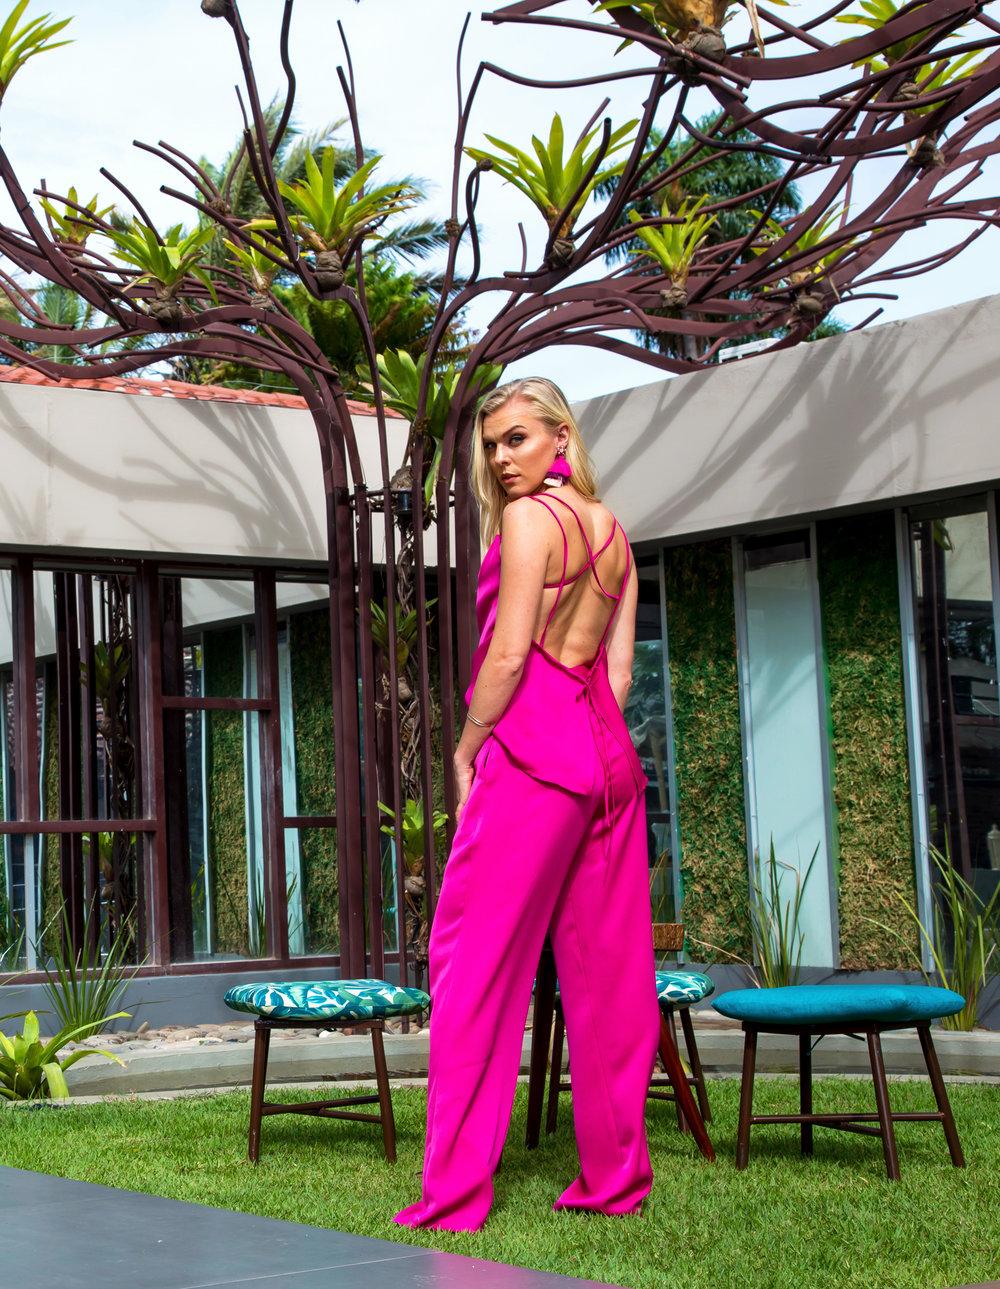 RAGNHILD_pink.outfit_lighter.jpg